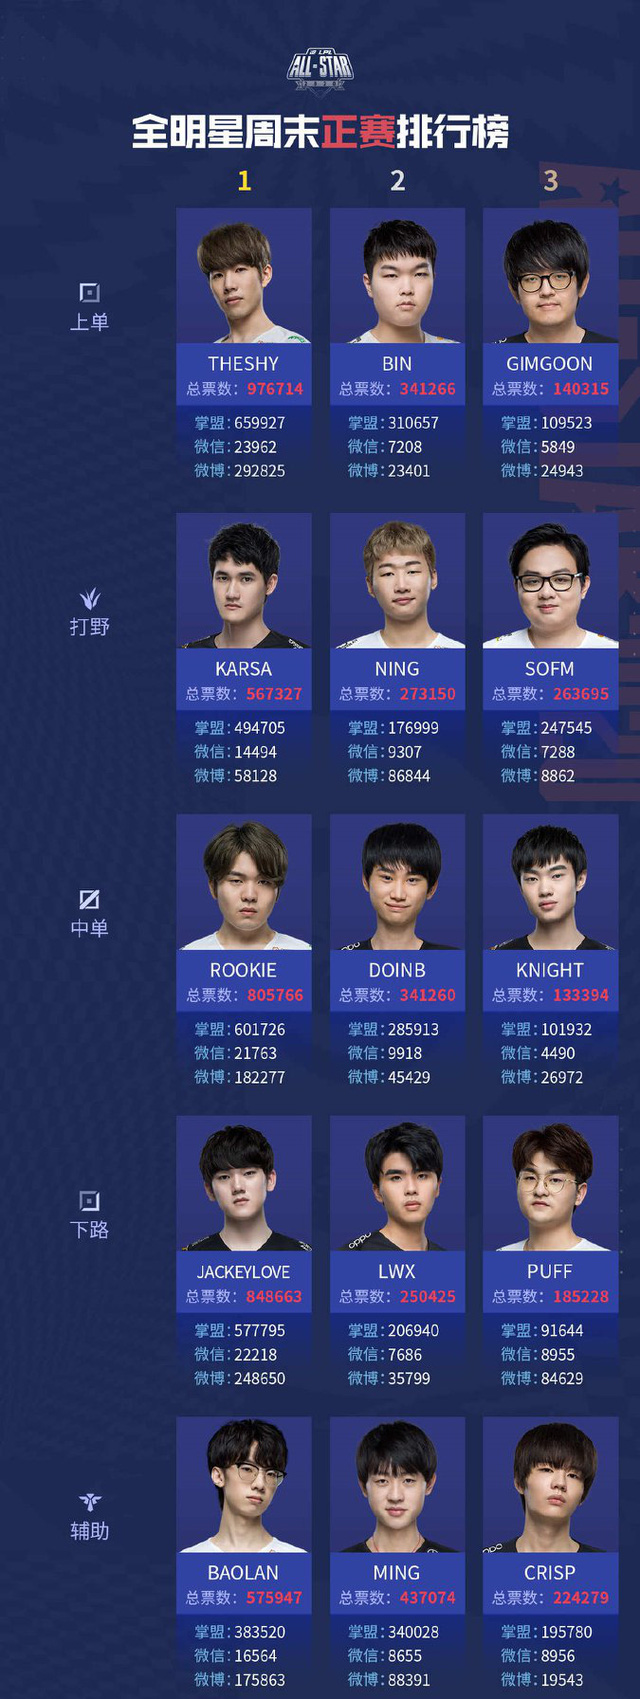 Bức xúc về việc SofM thua vote Ning, CĐM Trung Quốc yêu cầu thay đổi thể thức bình chọn LPL All-Star - Ảnh 1.